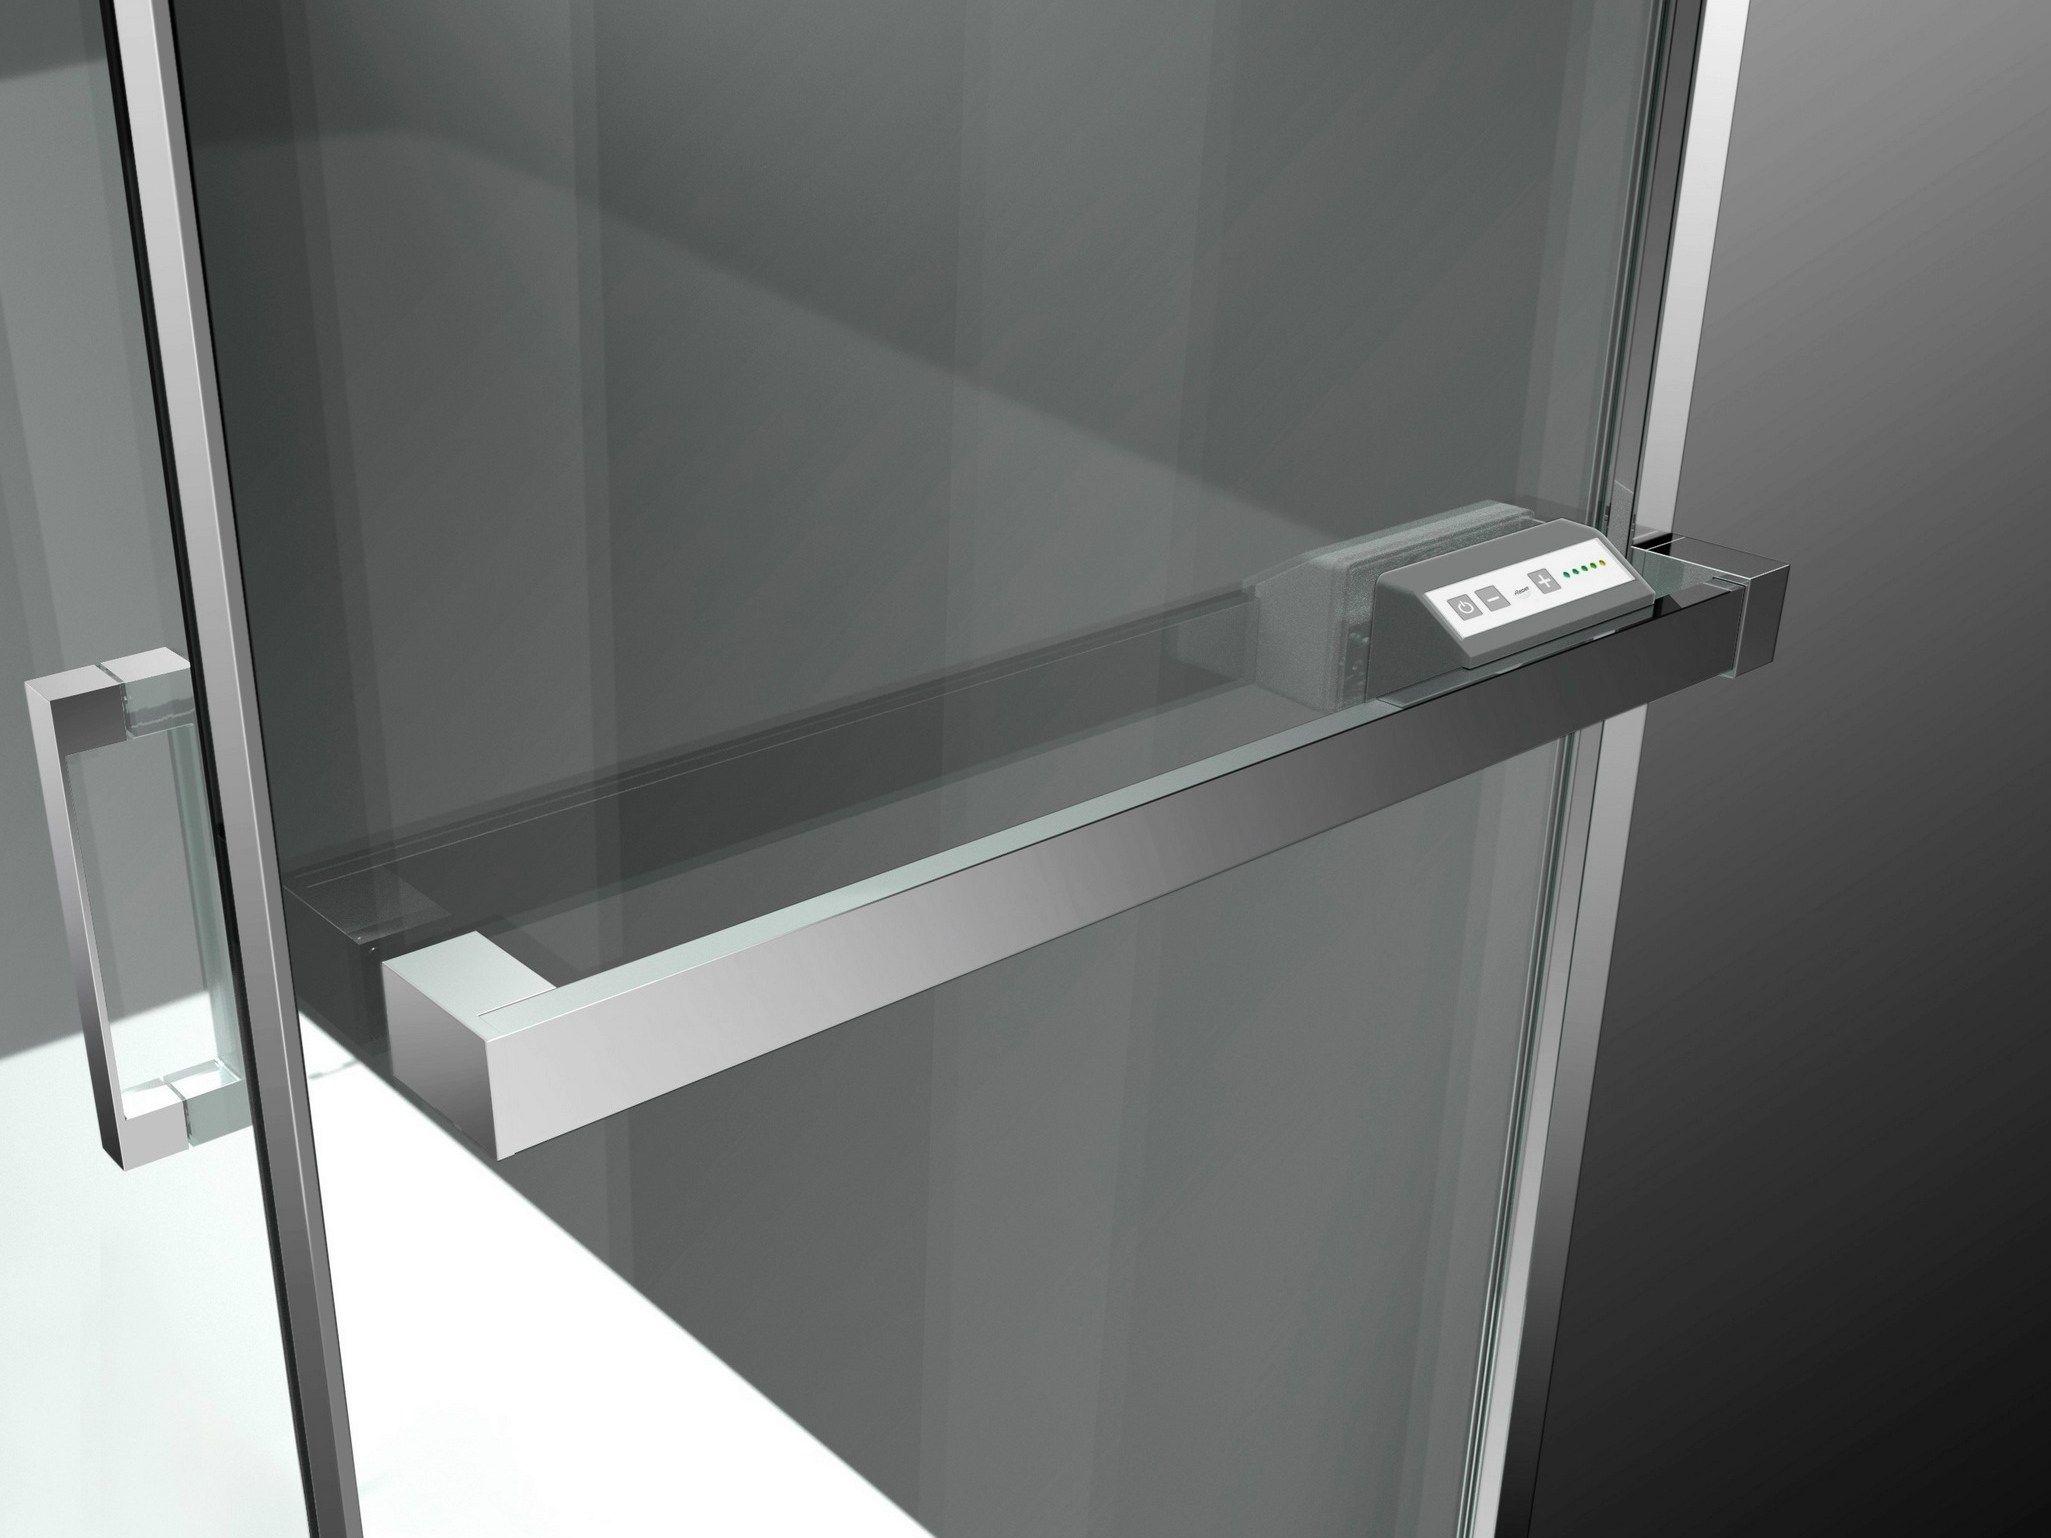 Paroi de douche chauffante sur mesure en verre tremp - Paroi de douche sur mesure castorama ...